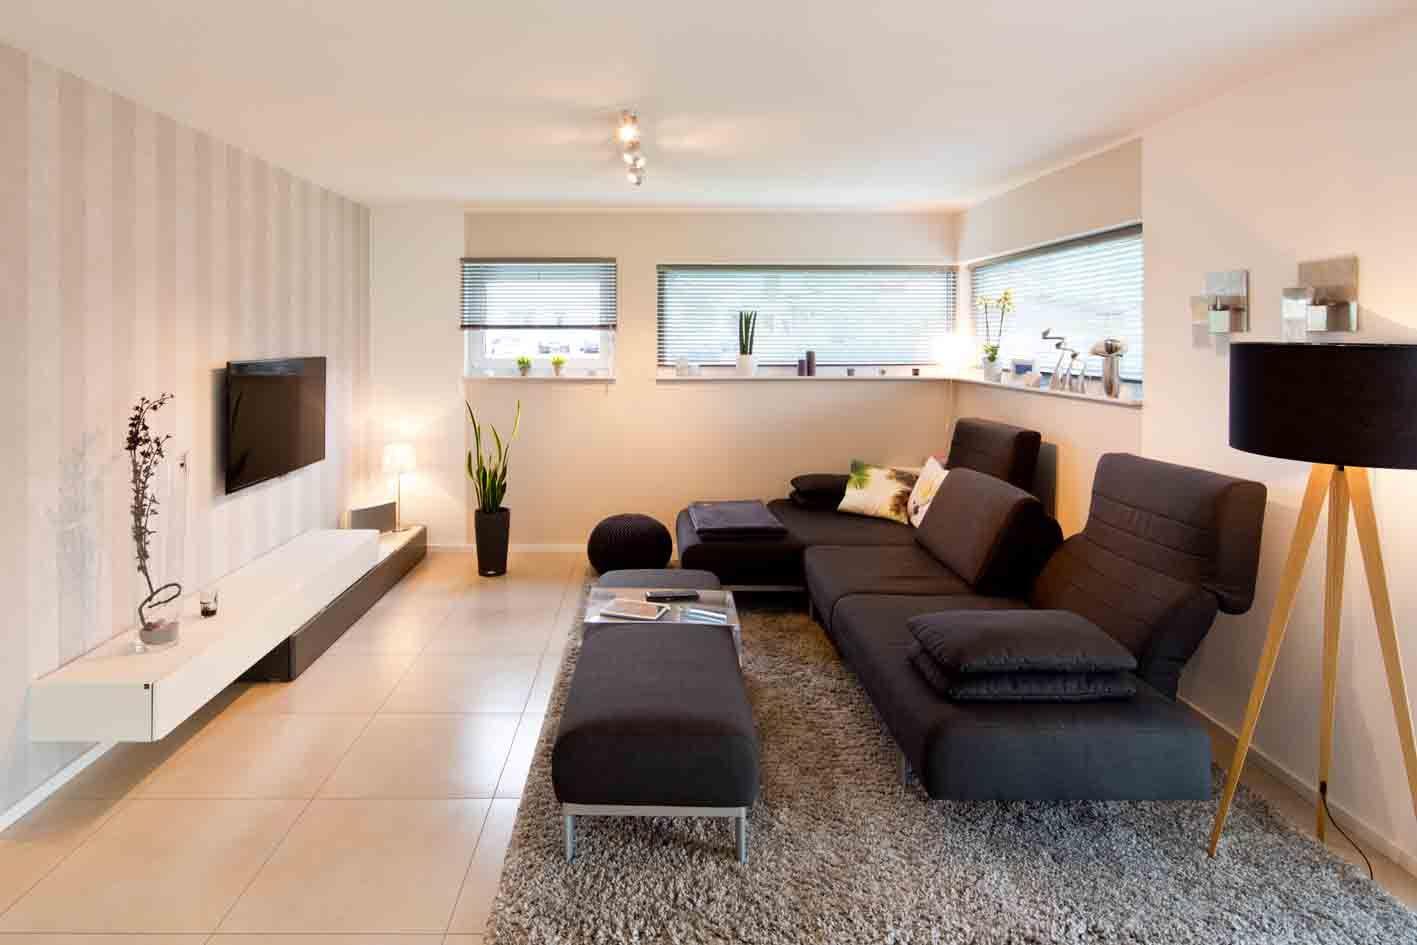 Wohnideen Wohnzimmer Gemütlich gemütliches wohnzimmer mit lichtbändern und sofaecke wohnideen